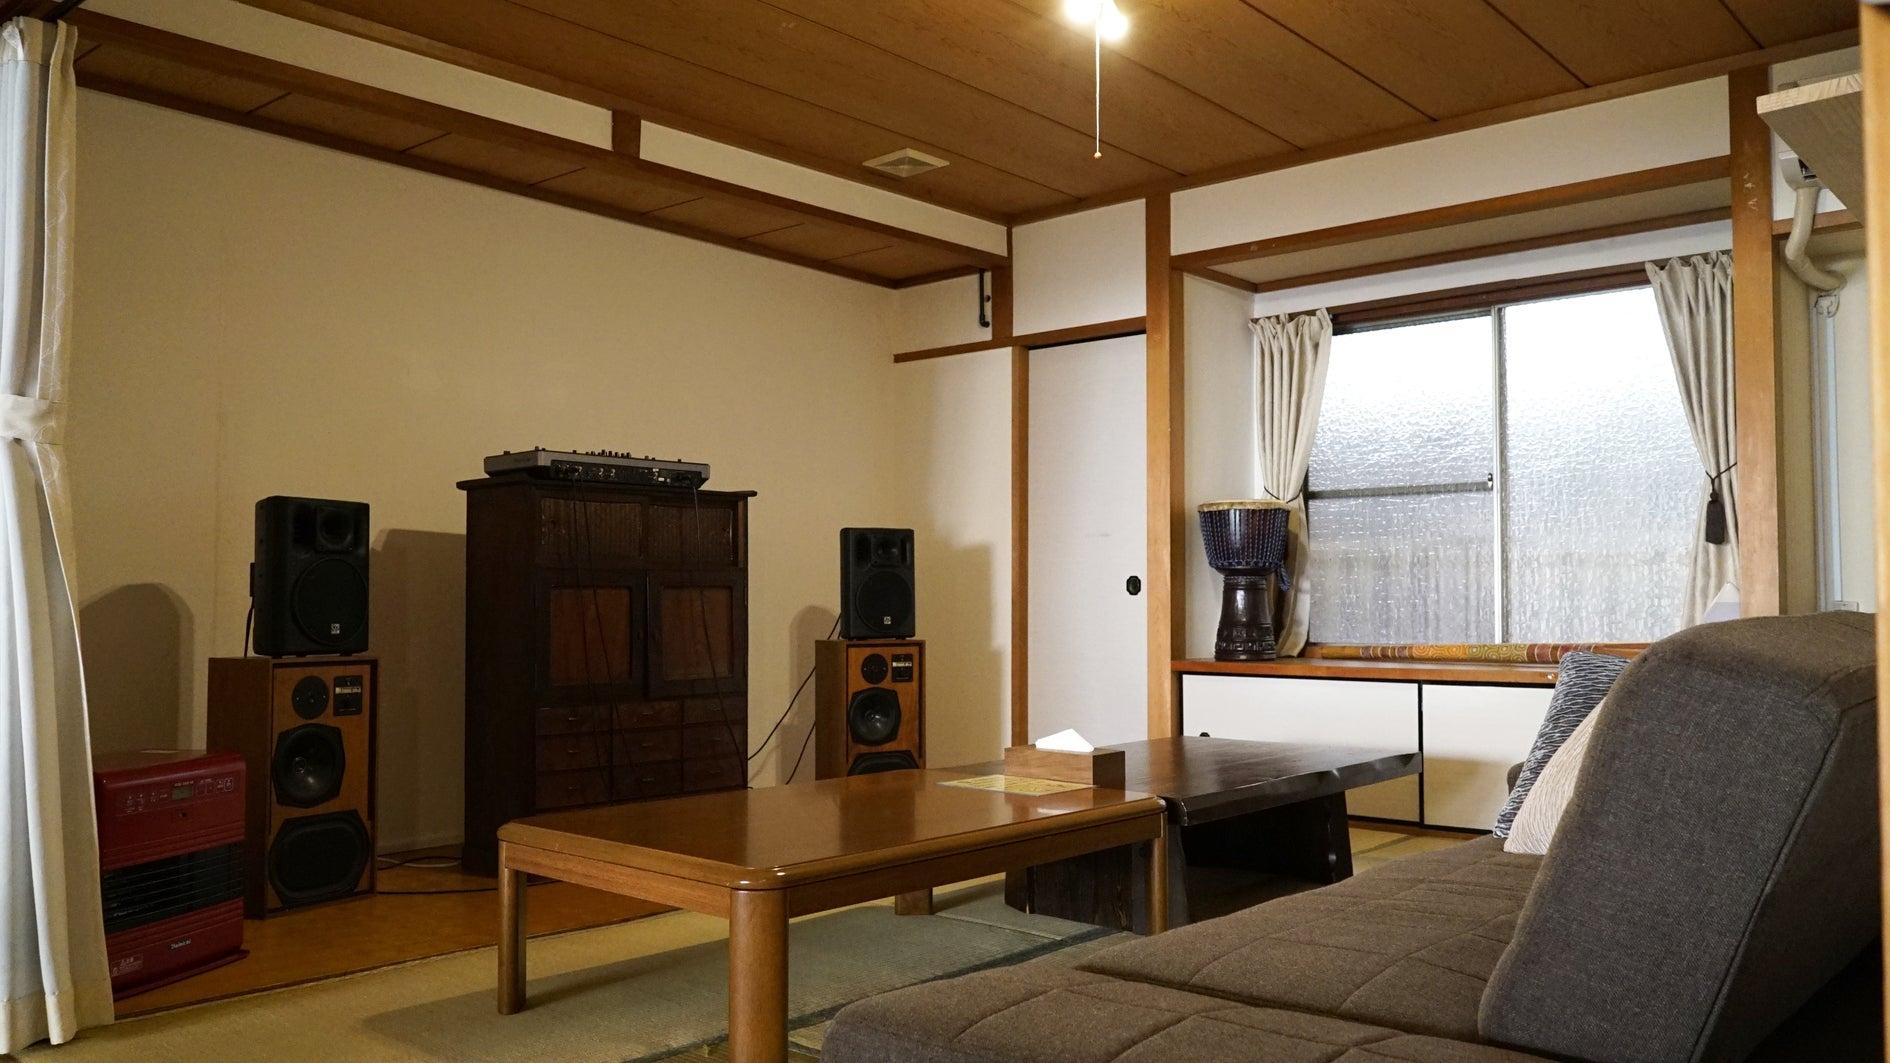 2階和室 2017年12月よりこちらの部屋にDJブースを移動、プロジェクターはメインフロアに移動となりました。